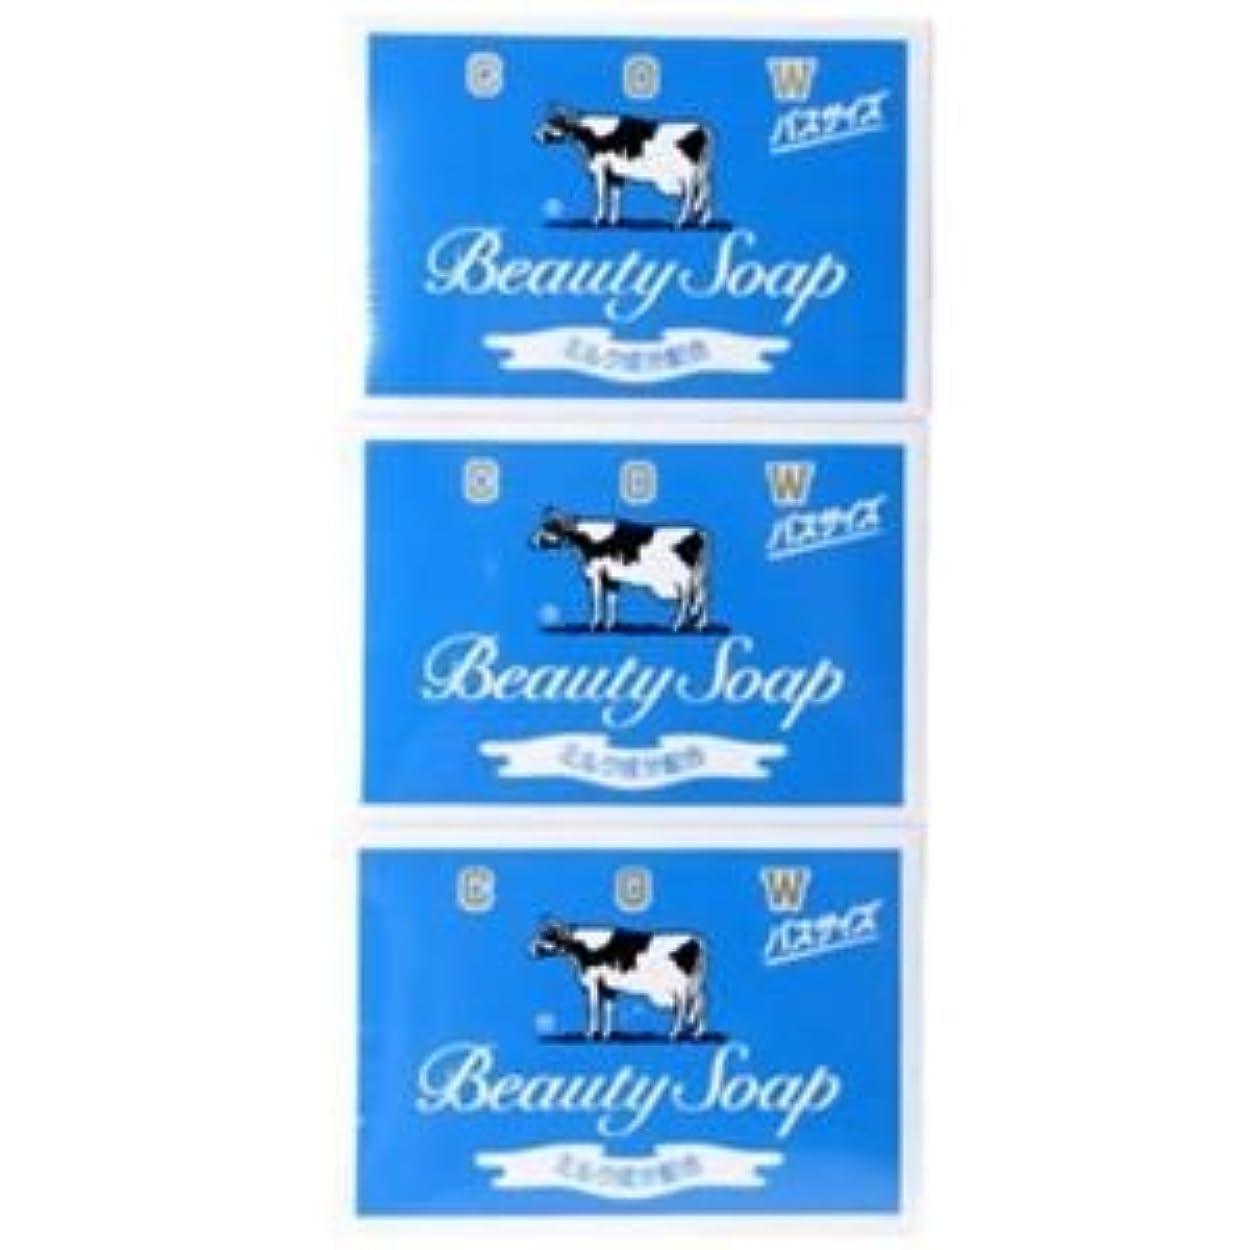 そのようなデコレーションまどろみのあるカウブランド 牛乳石鹸 青箱 バスサイズ 135g×3個入 10セット